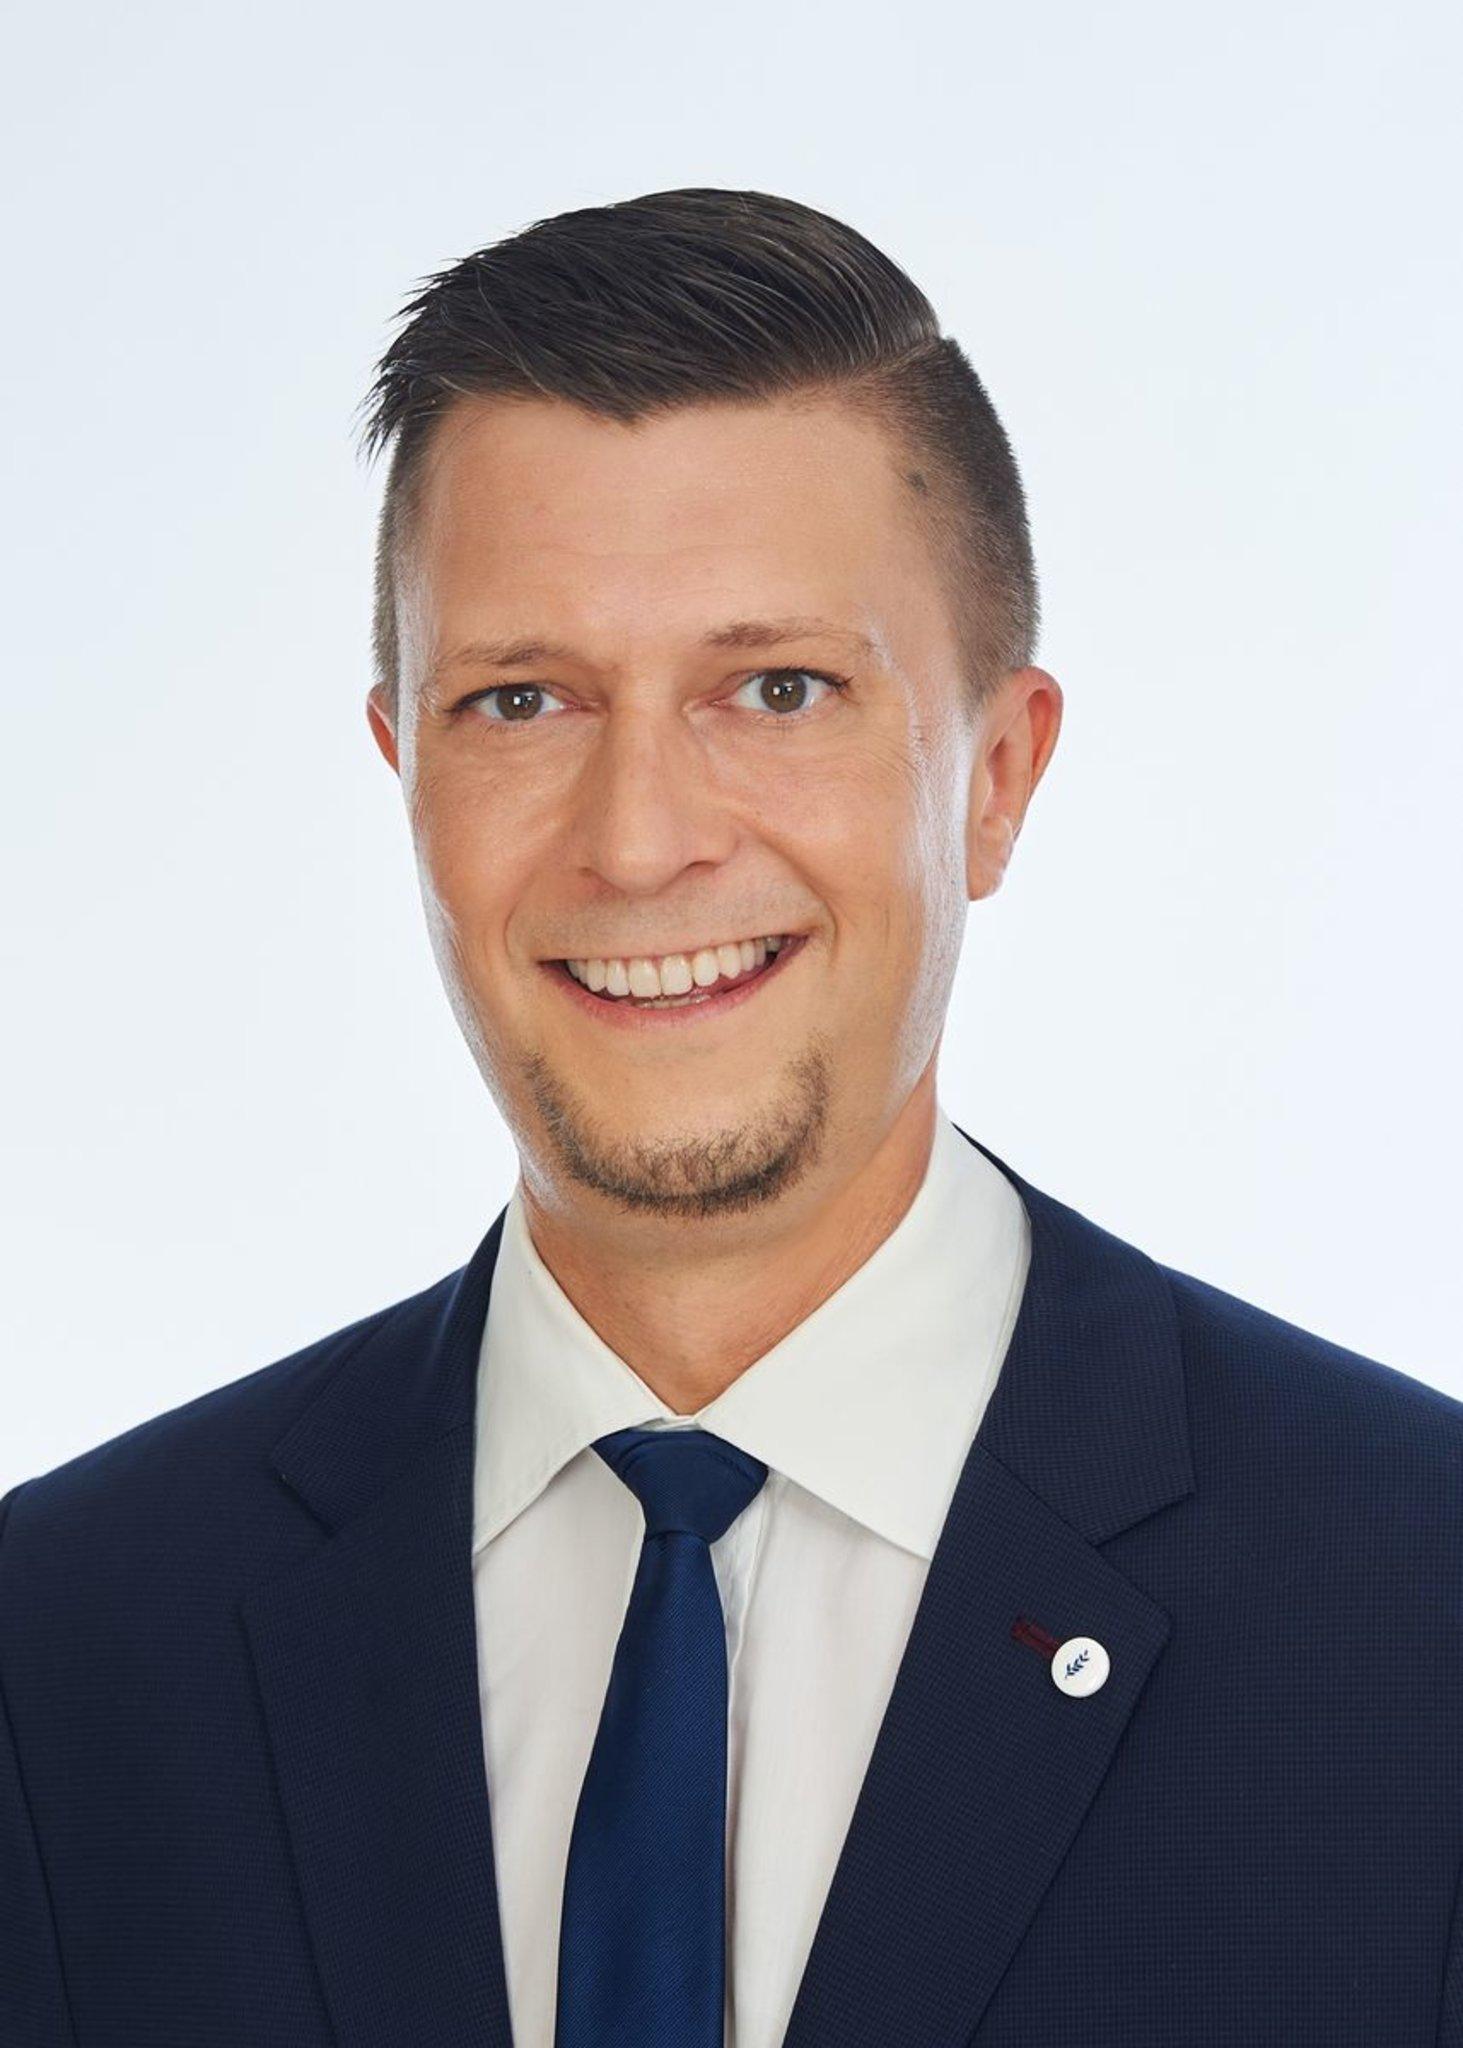 Nachfrage Bekanntschaften Burgenland - volunteeralert.com